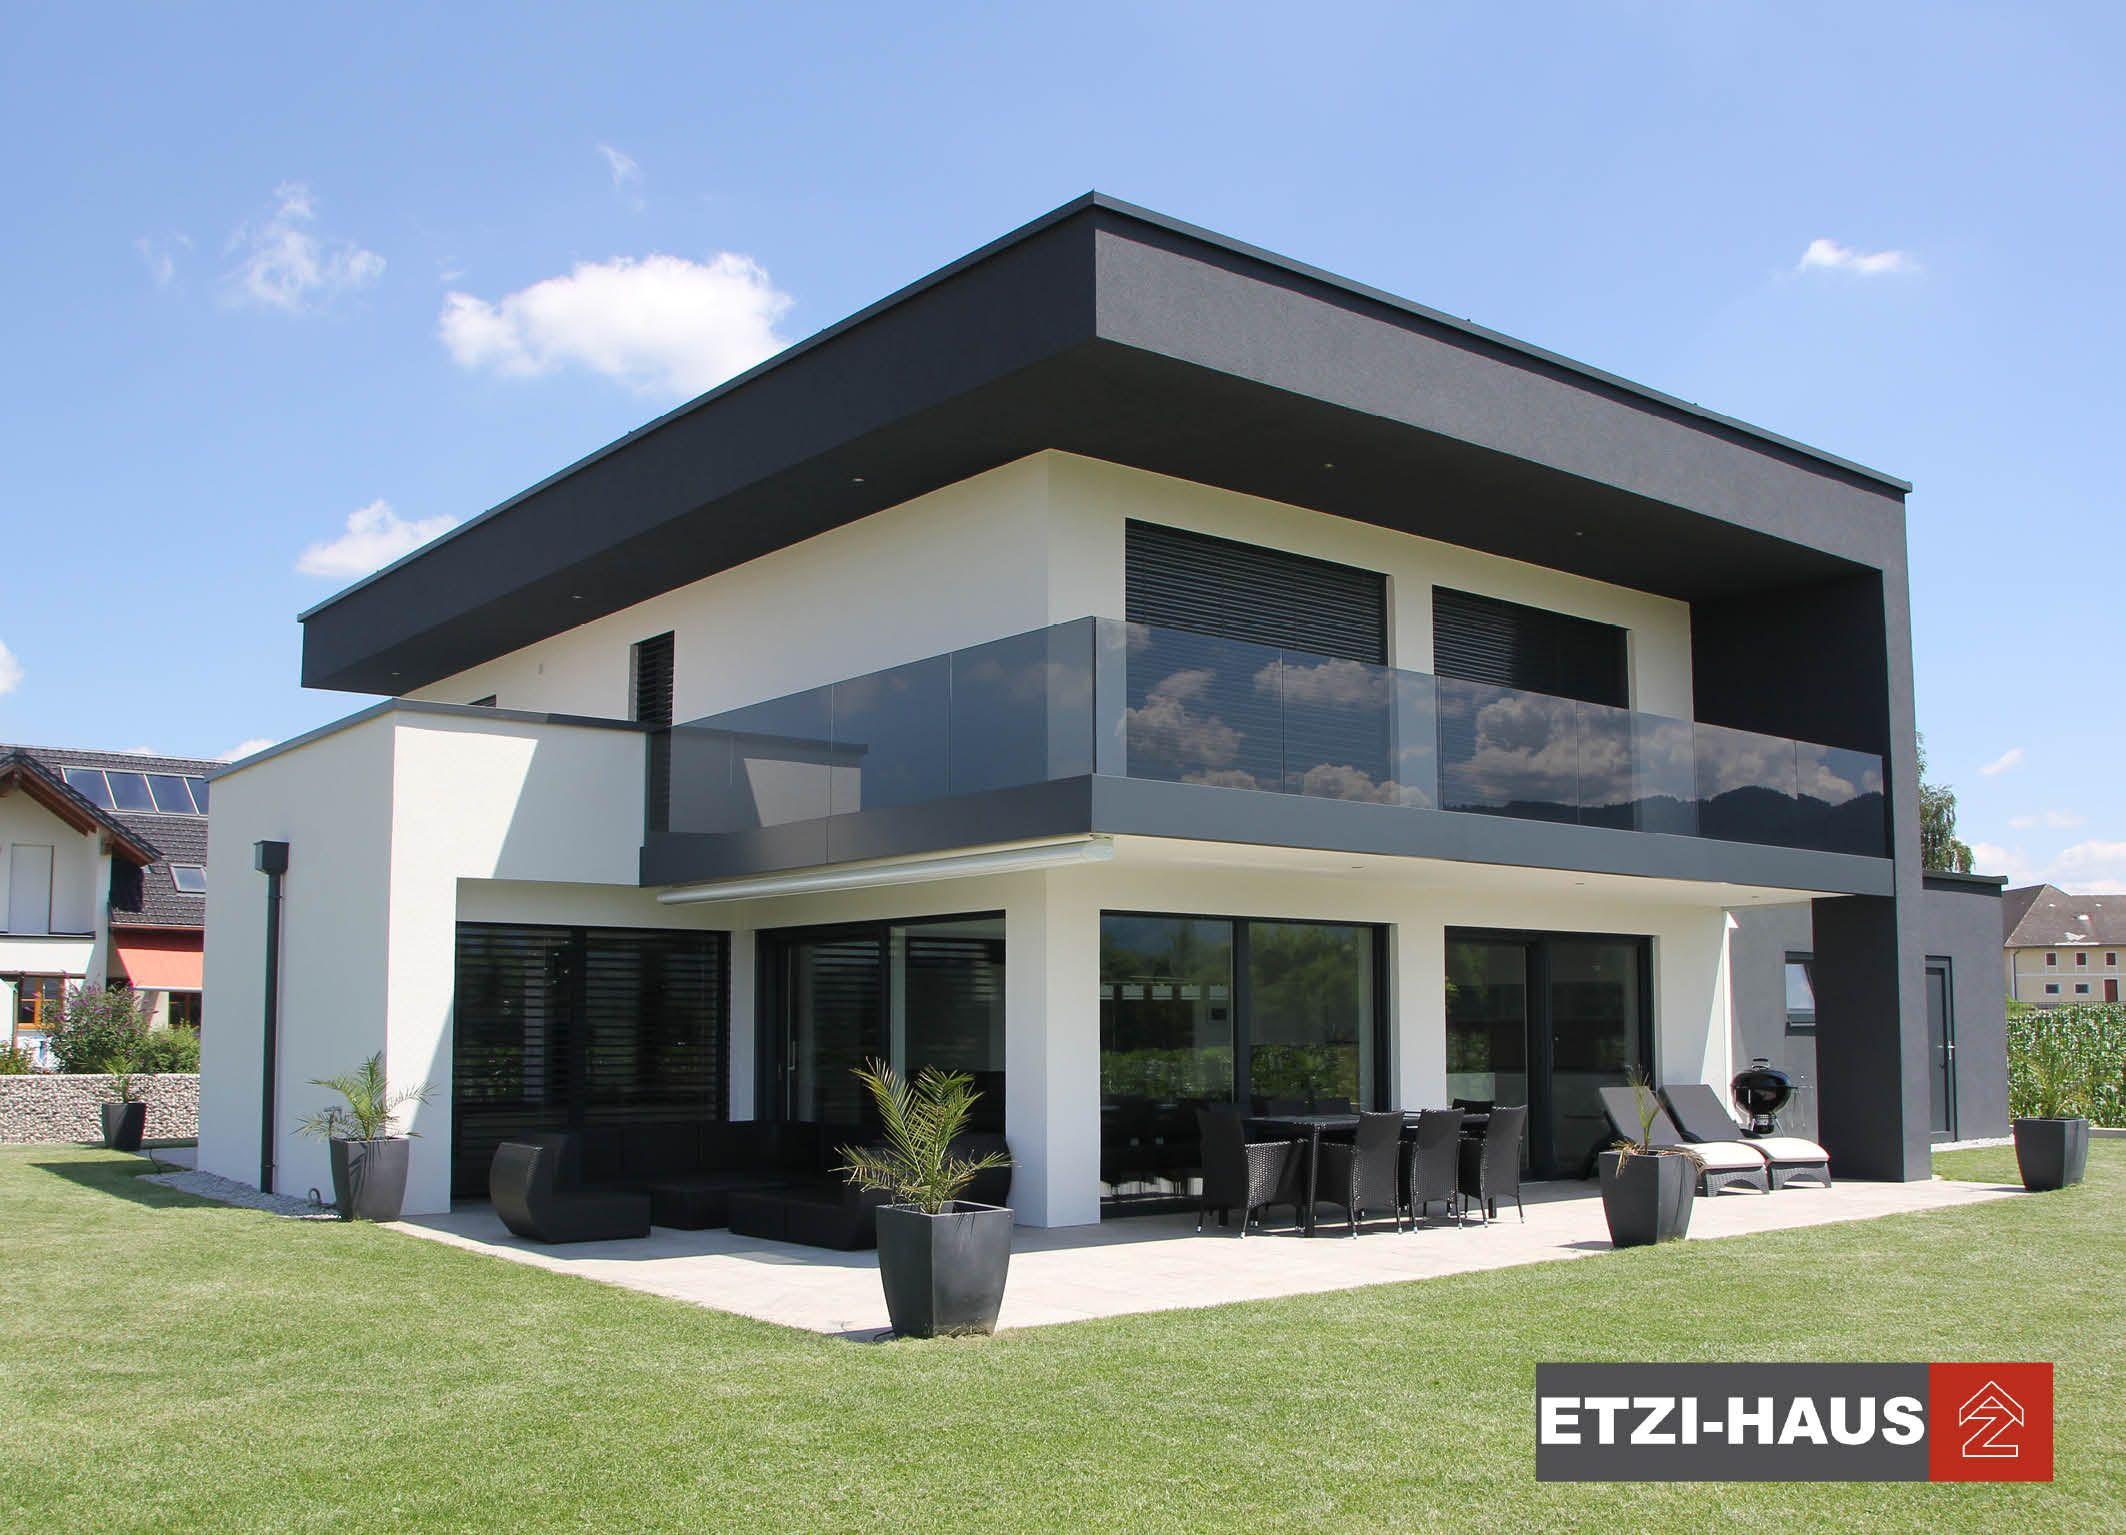 EtziHaus Leistbare Architektur // Günstige